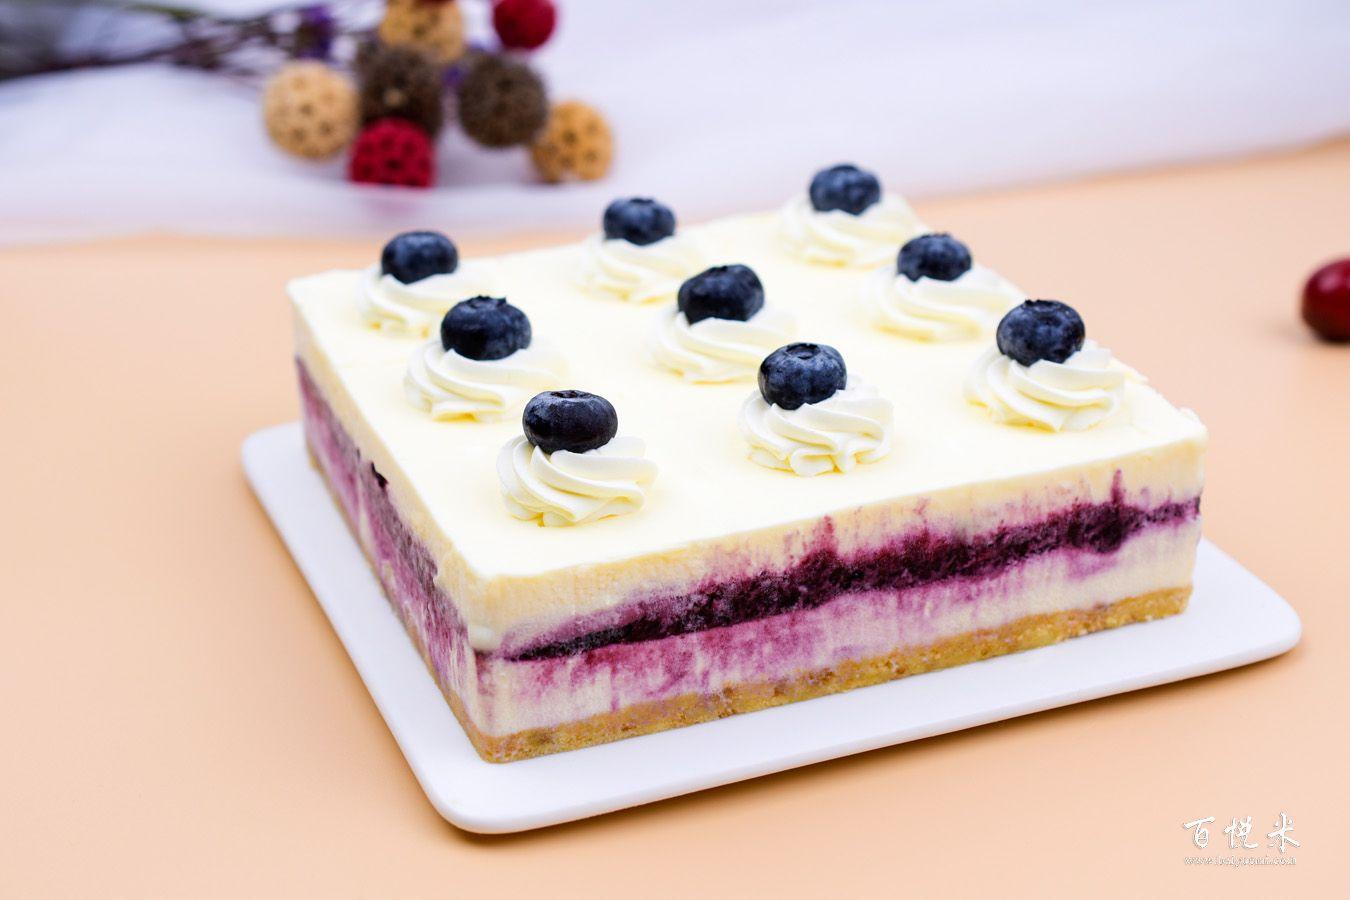 蓝莓芝士蛋糕的做法大全,芝士蛋糕培训怎么做